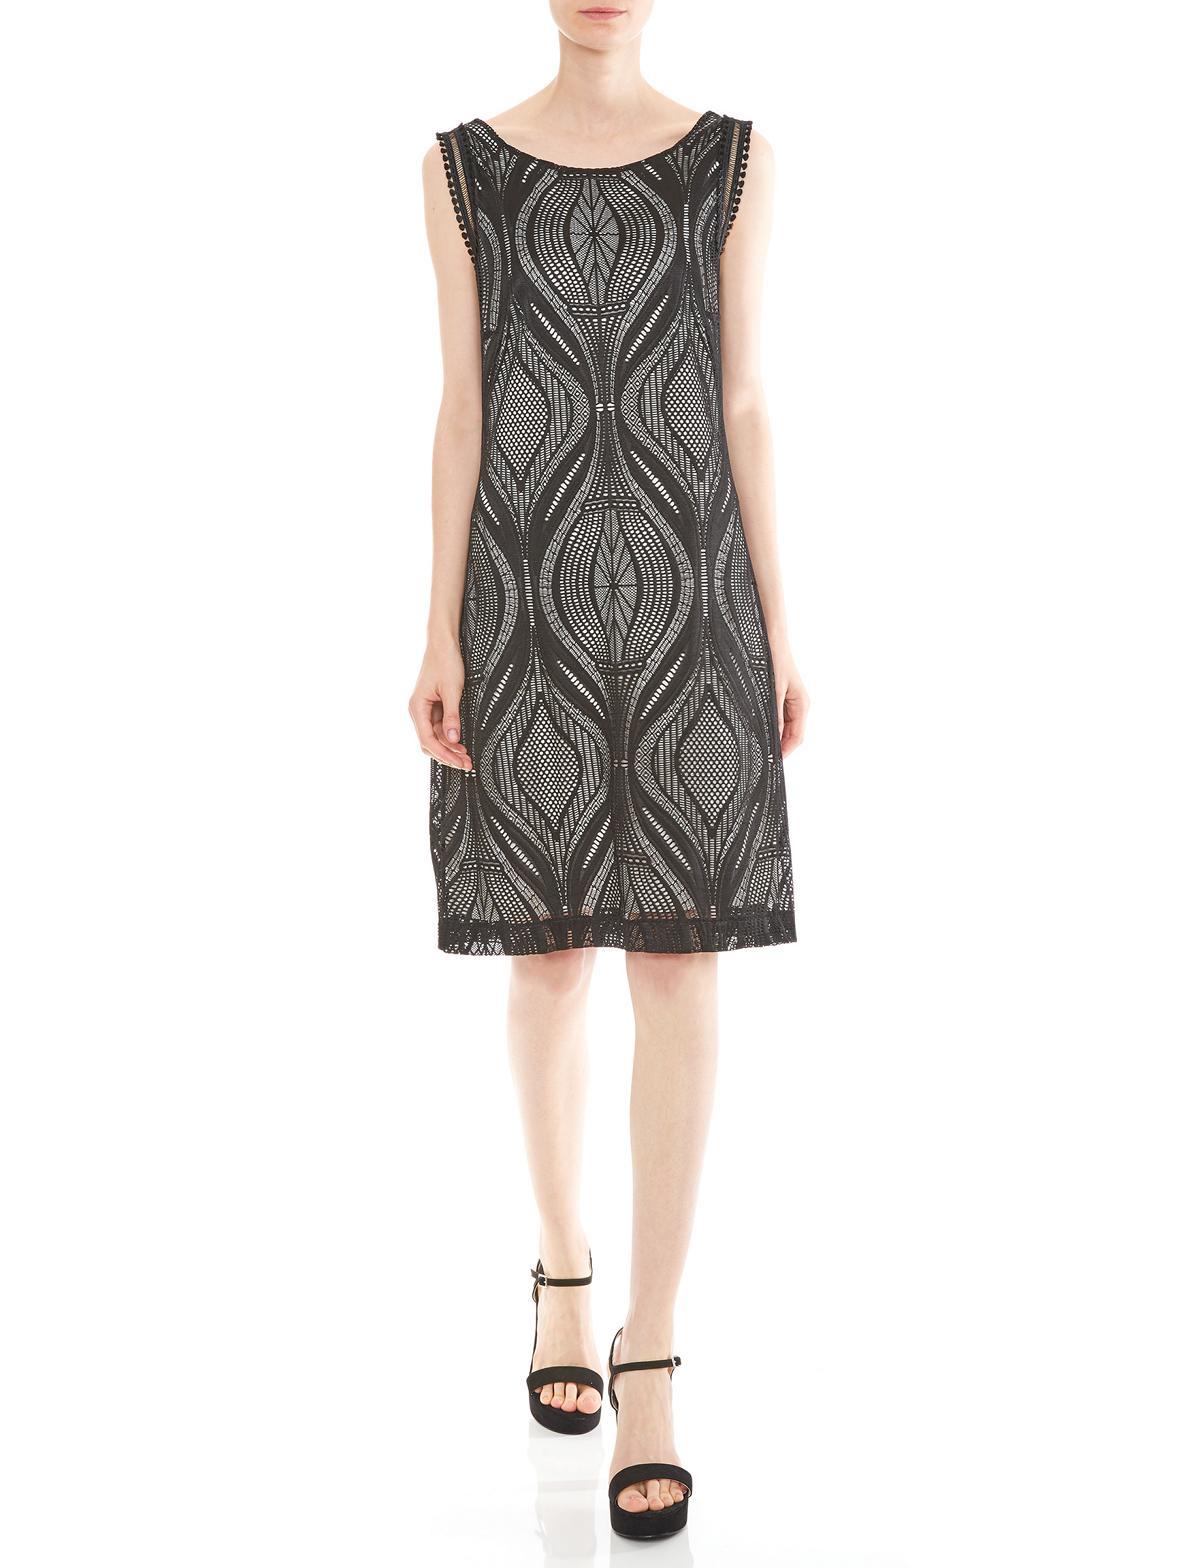 Vorderansicht von Ana Alcazar A-Linien Kleid Mulakys  angezogen an Model